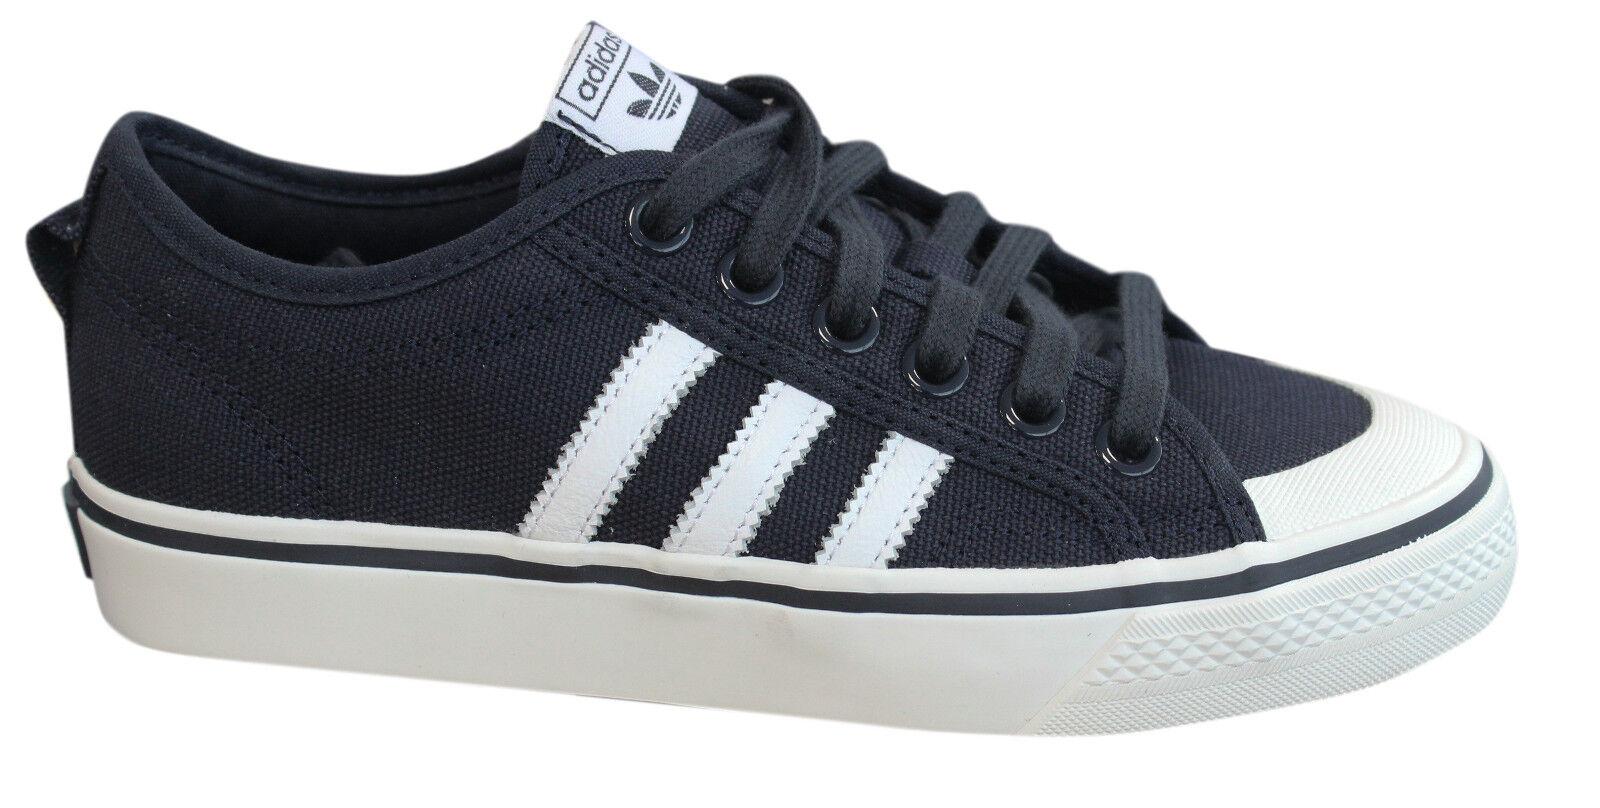 ADIDAS Originals Nizza Sneaker Uomo Basse Con Lacci Scarpe Blu Navy Blue BZ0499 M17 Scarpe classiche da uomo